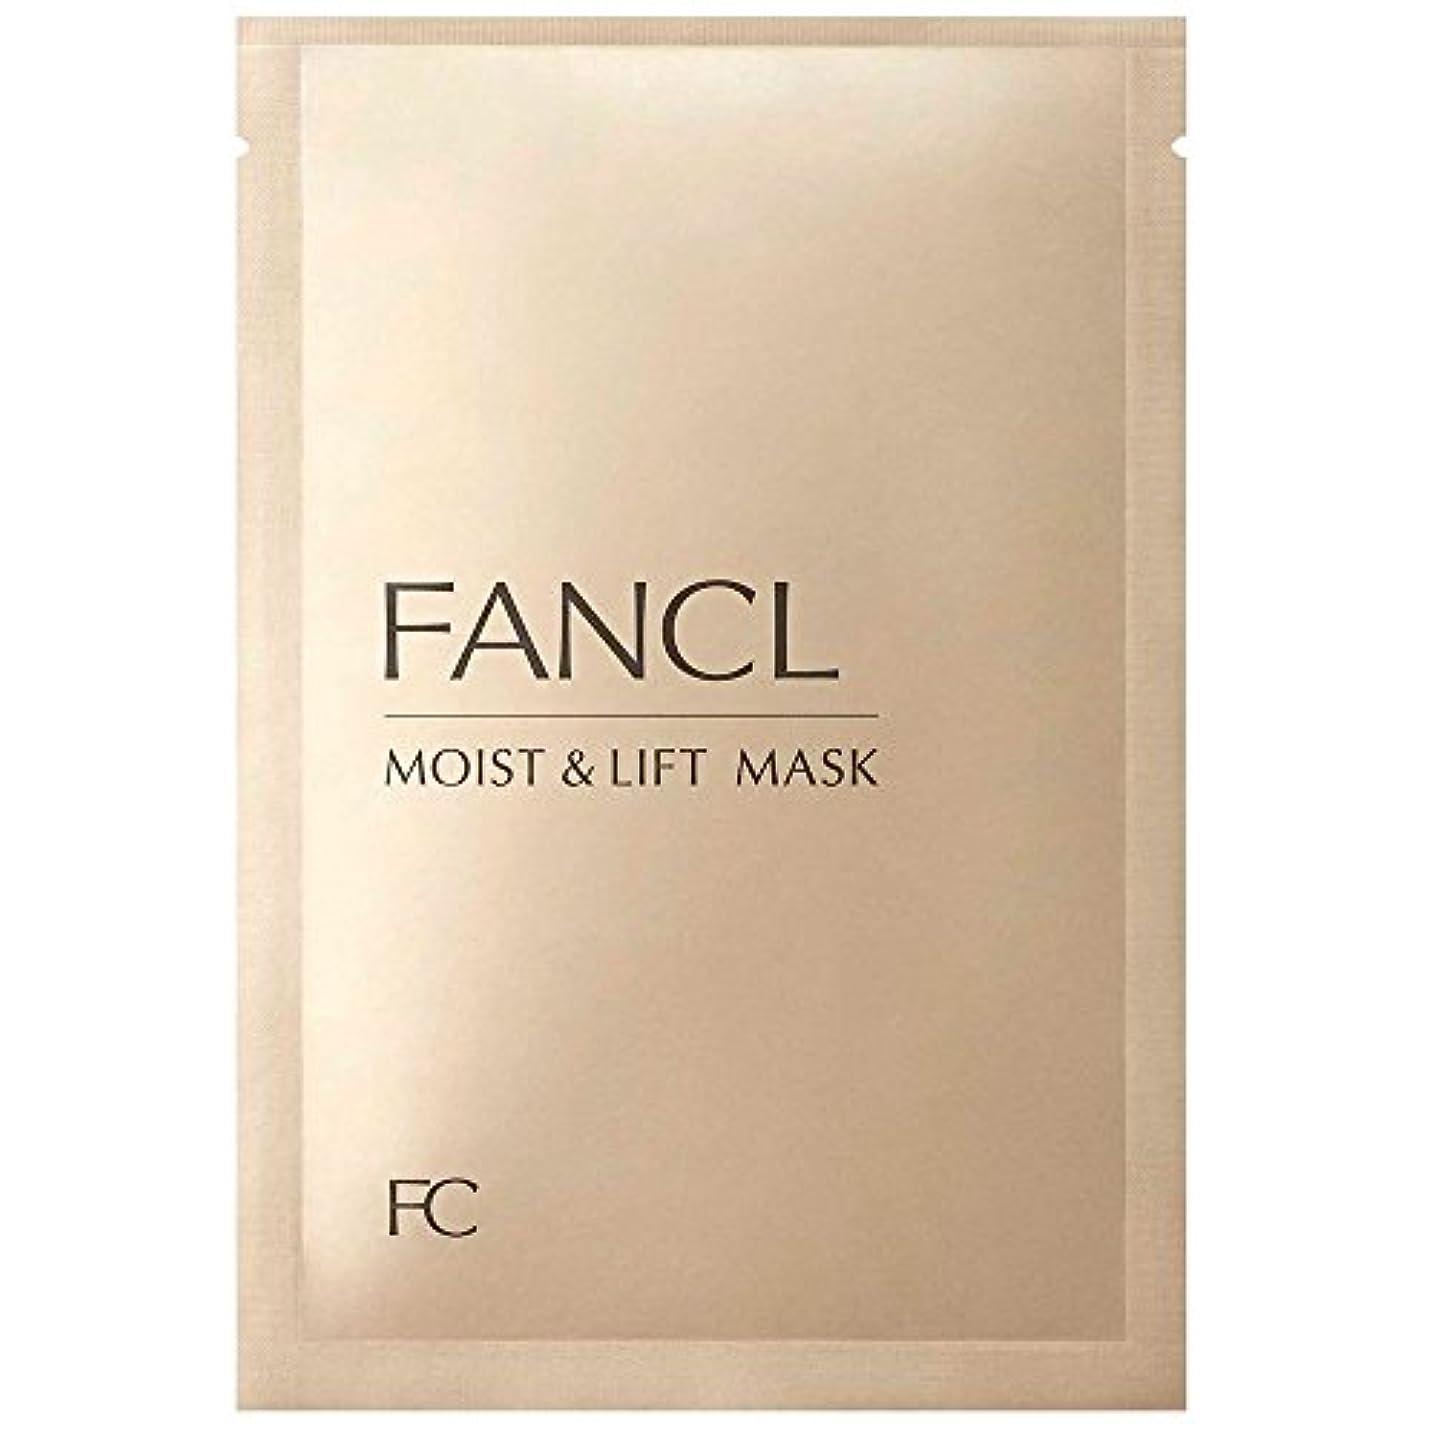 そうマリン状ファンケル(FANCL) モイスト&リフトマスク(M&L マスク)28mL×6枚